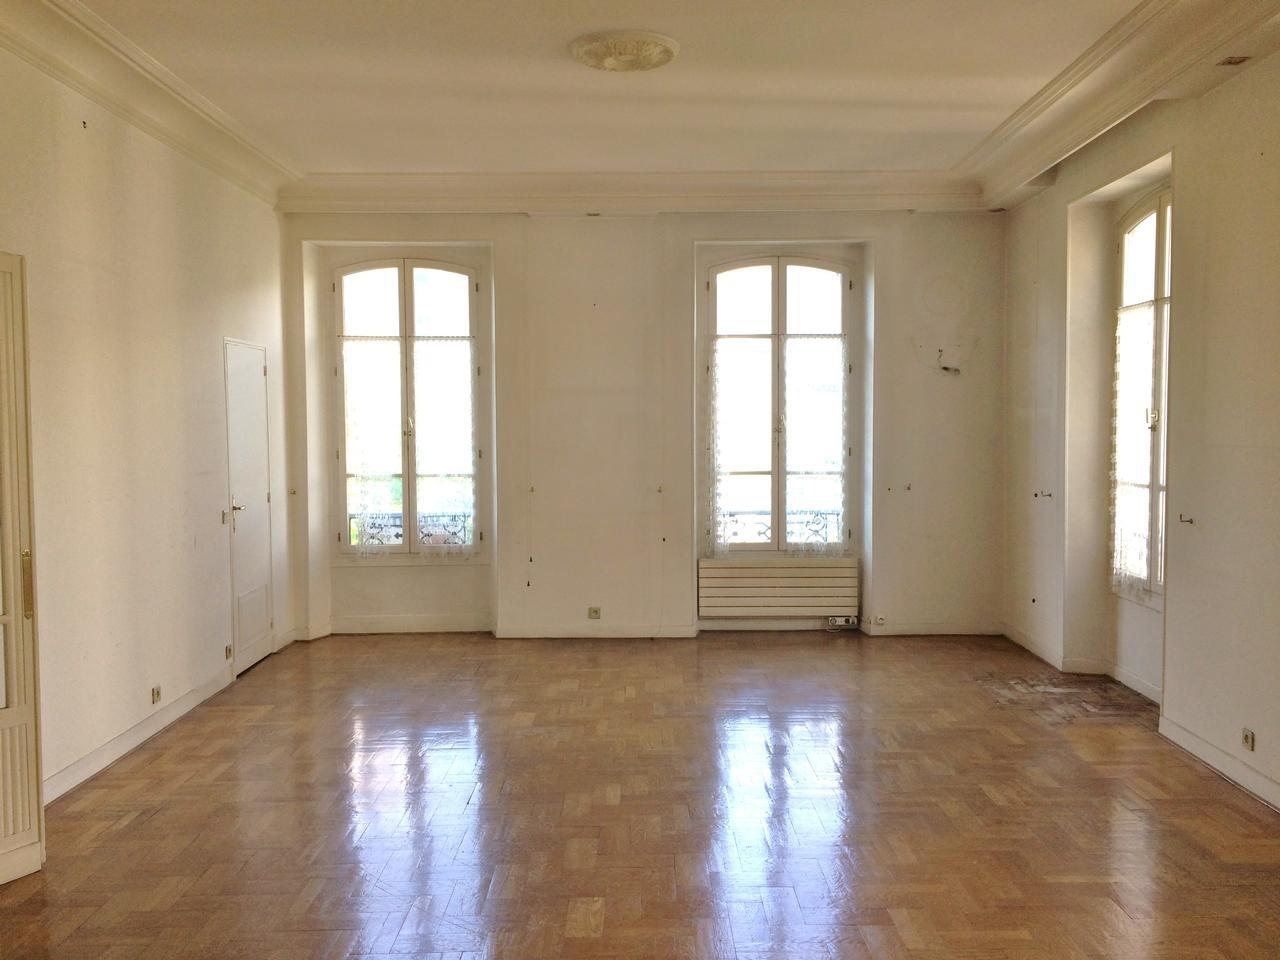 vente appartement d couvrons ensemble les principes cl s et essentiels de la fameuse m thode. Black Bedroom Furniture Sets. Home Design Ideas